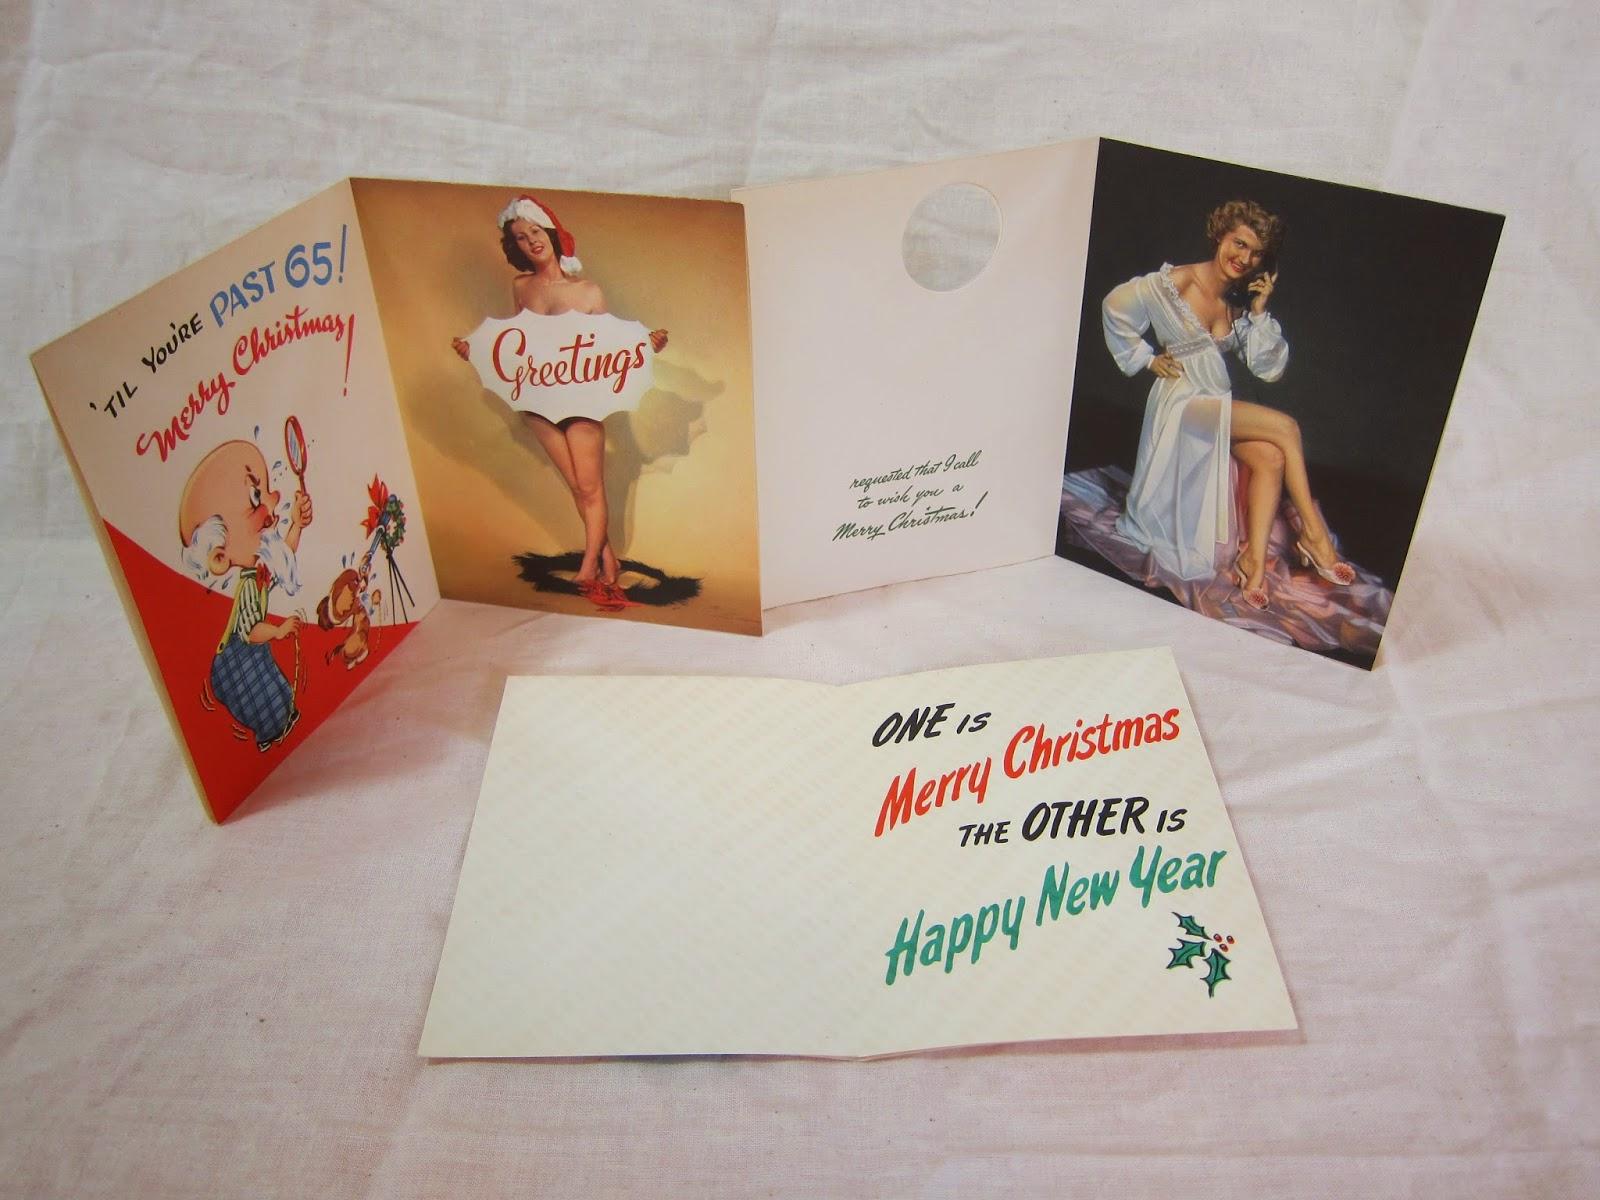 1940s risque christmas pinup cards sexy photos